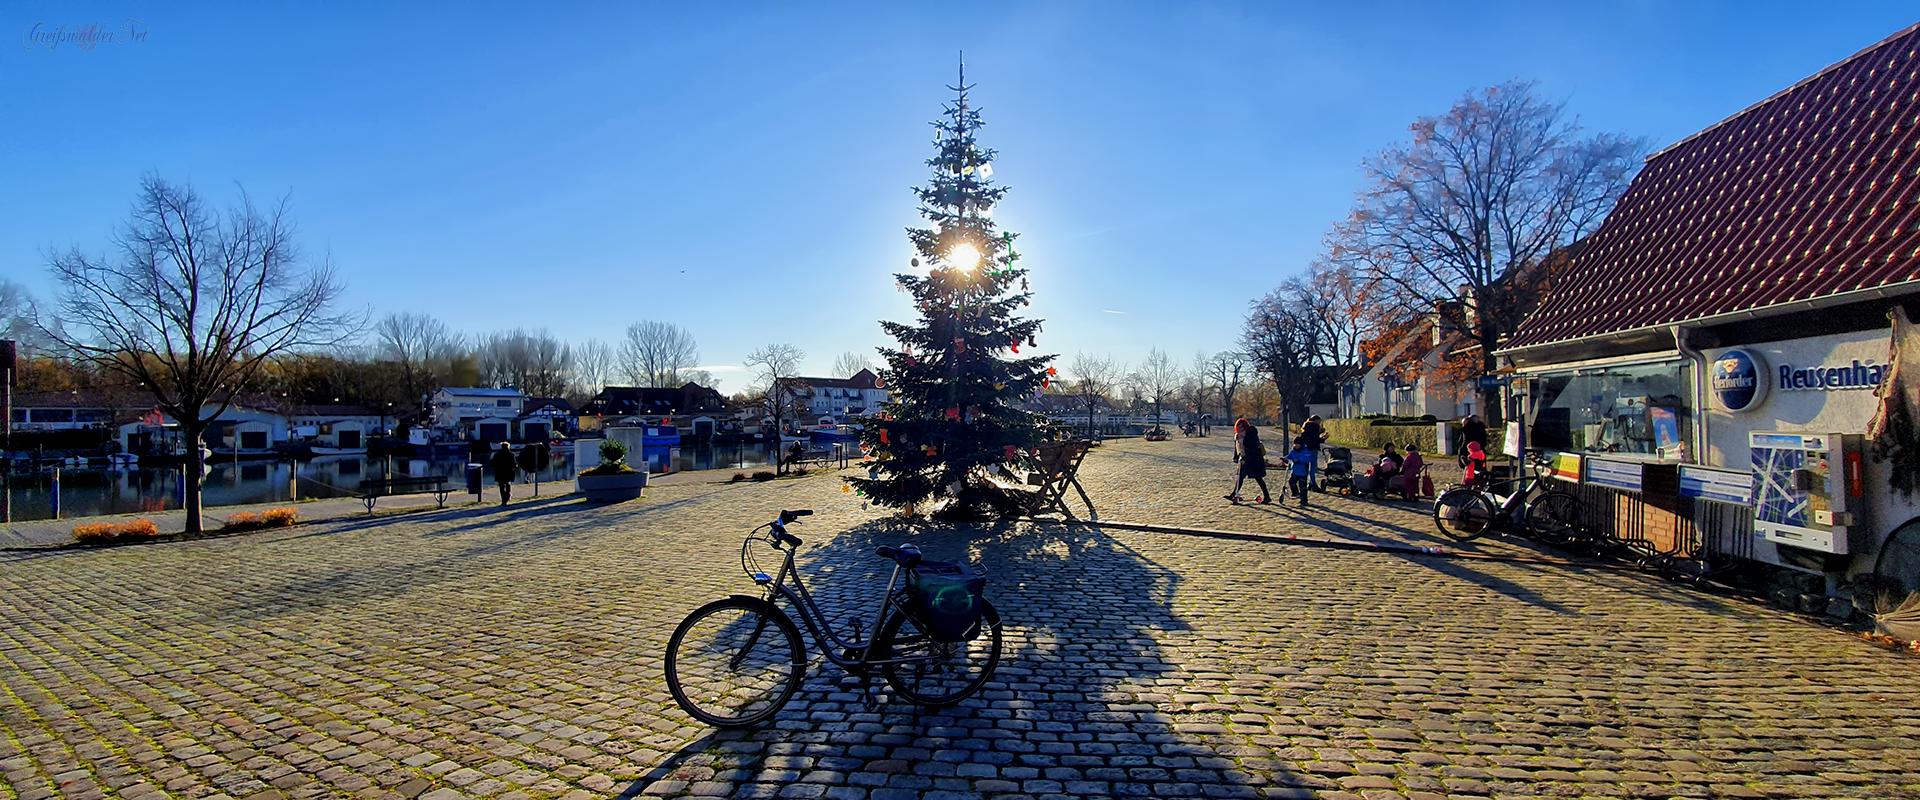 Tannenbaum in Greifswald-Wieck im Gegenlicht